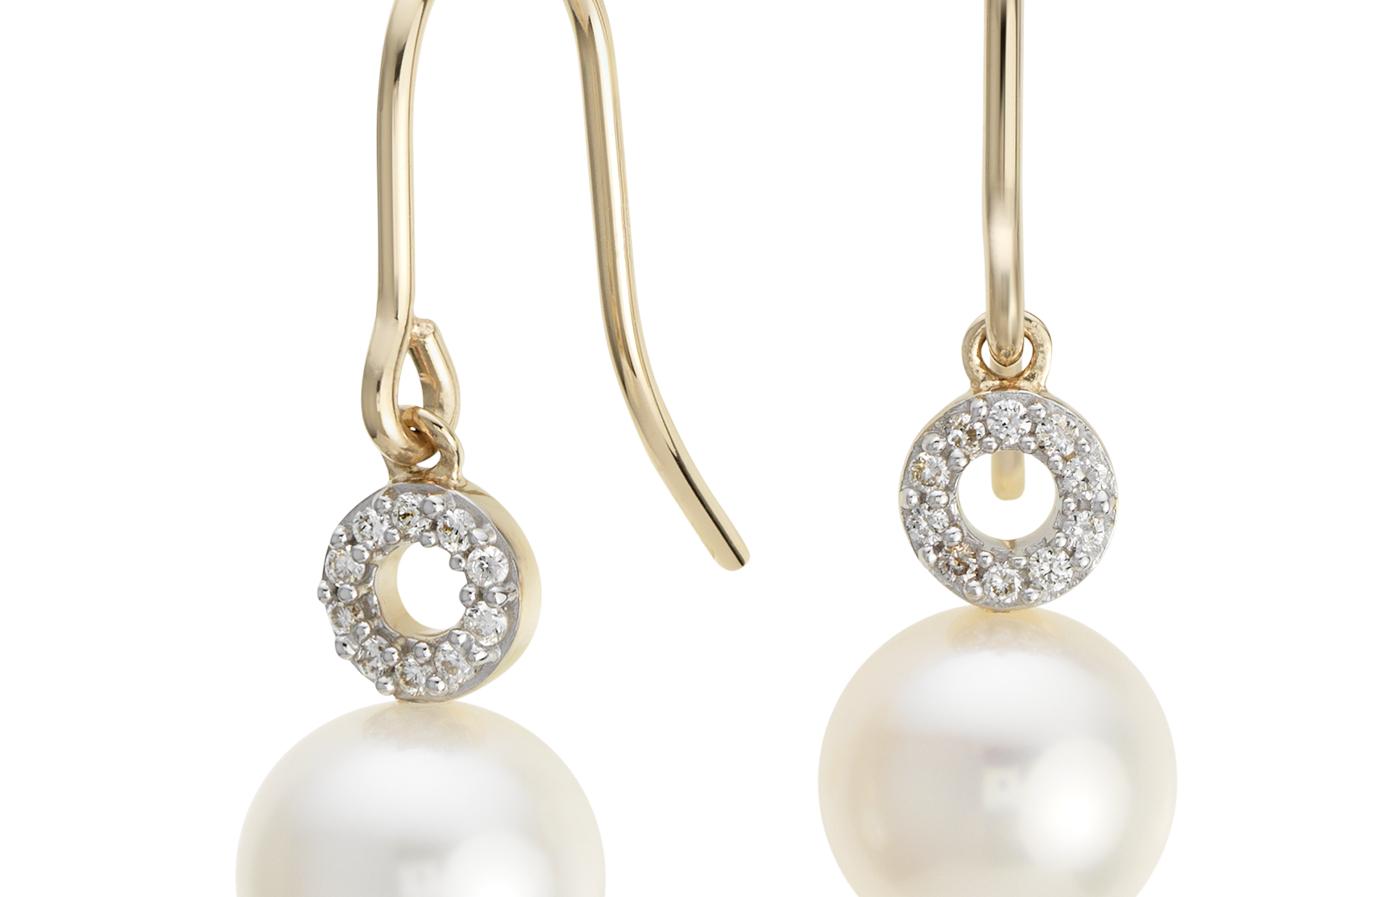 Pendants d'oreilles diamant et perle de culture d'eau douce en or jaune 14carats